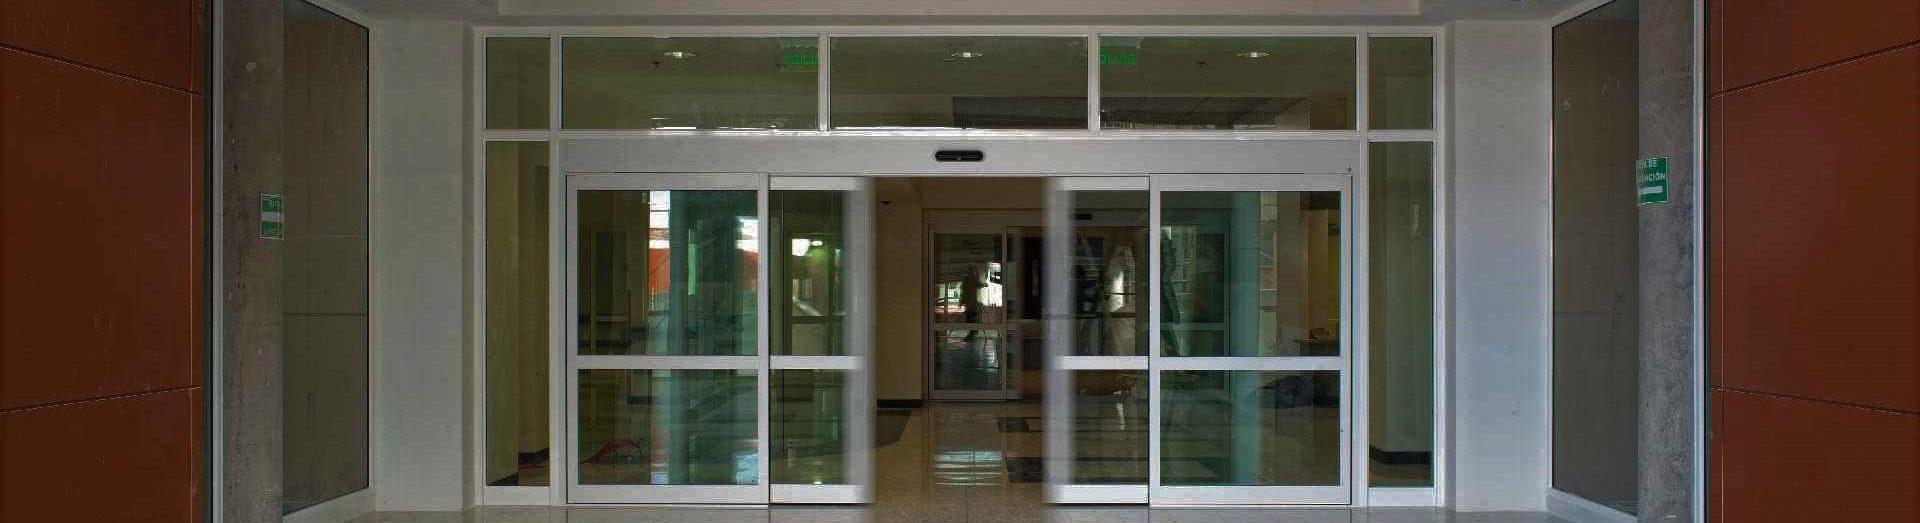 Advanced Door Service contact us